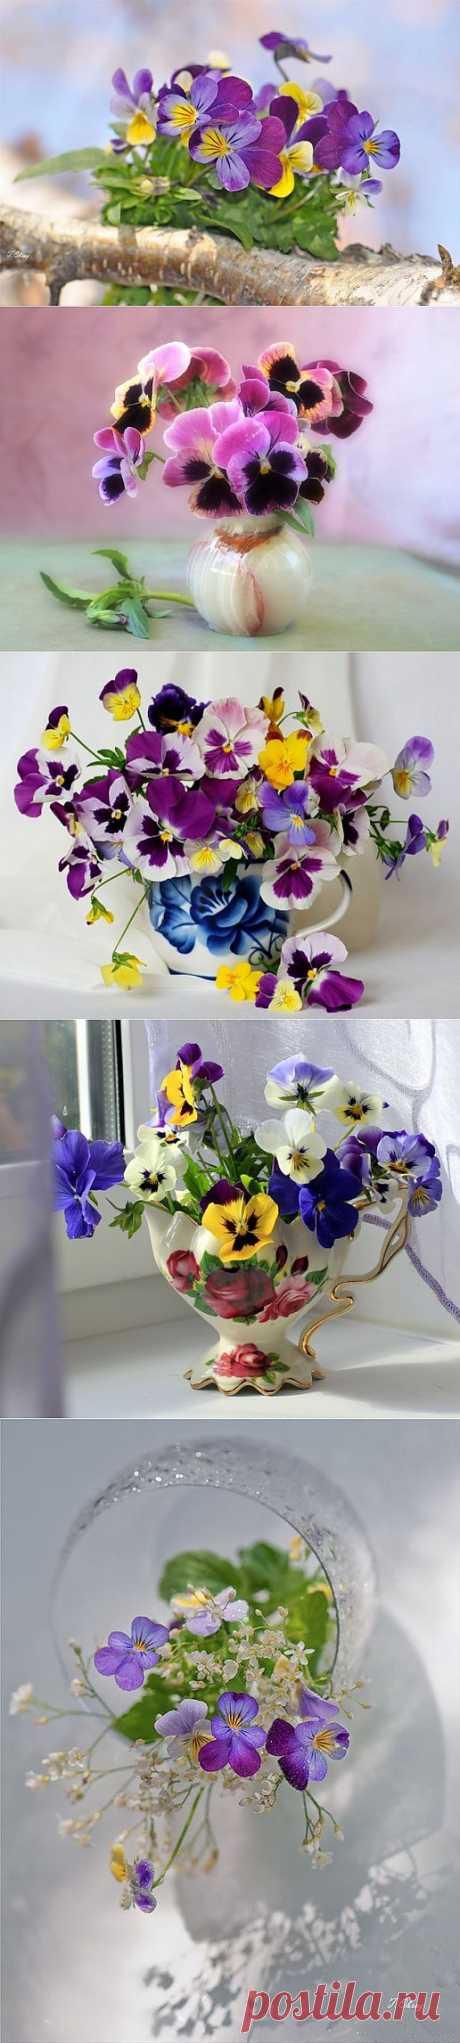 Натюрморт Анютины глазки. Теплым и солнечным, радостным летом  синим и белым, и смешанным цветом, шепчут весёлые, яркие сказки эти цветочки АНЮТИНЫ ГЛАЗКИ.  Бабочек, синих и жёлтых, и белых много на клумбу цветочную село. Сами узнаете их без подсказки это цветочки - АНЮТИНЫ ГЛАЗКИ О. Огланова